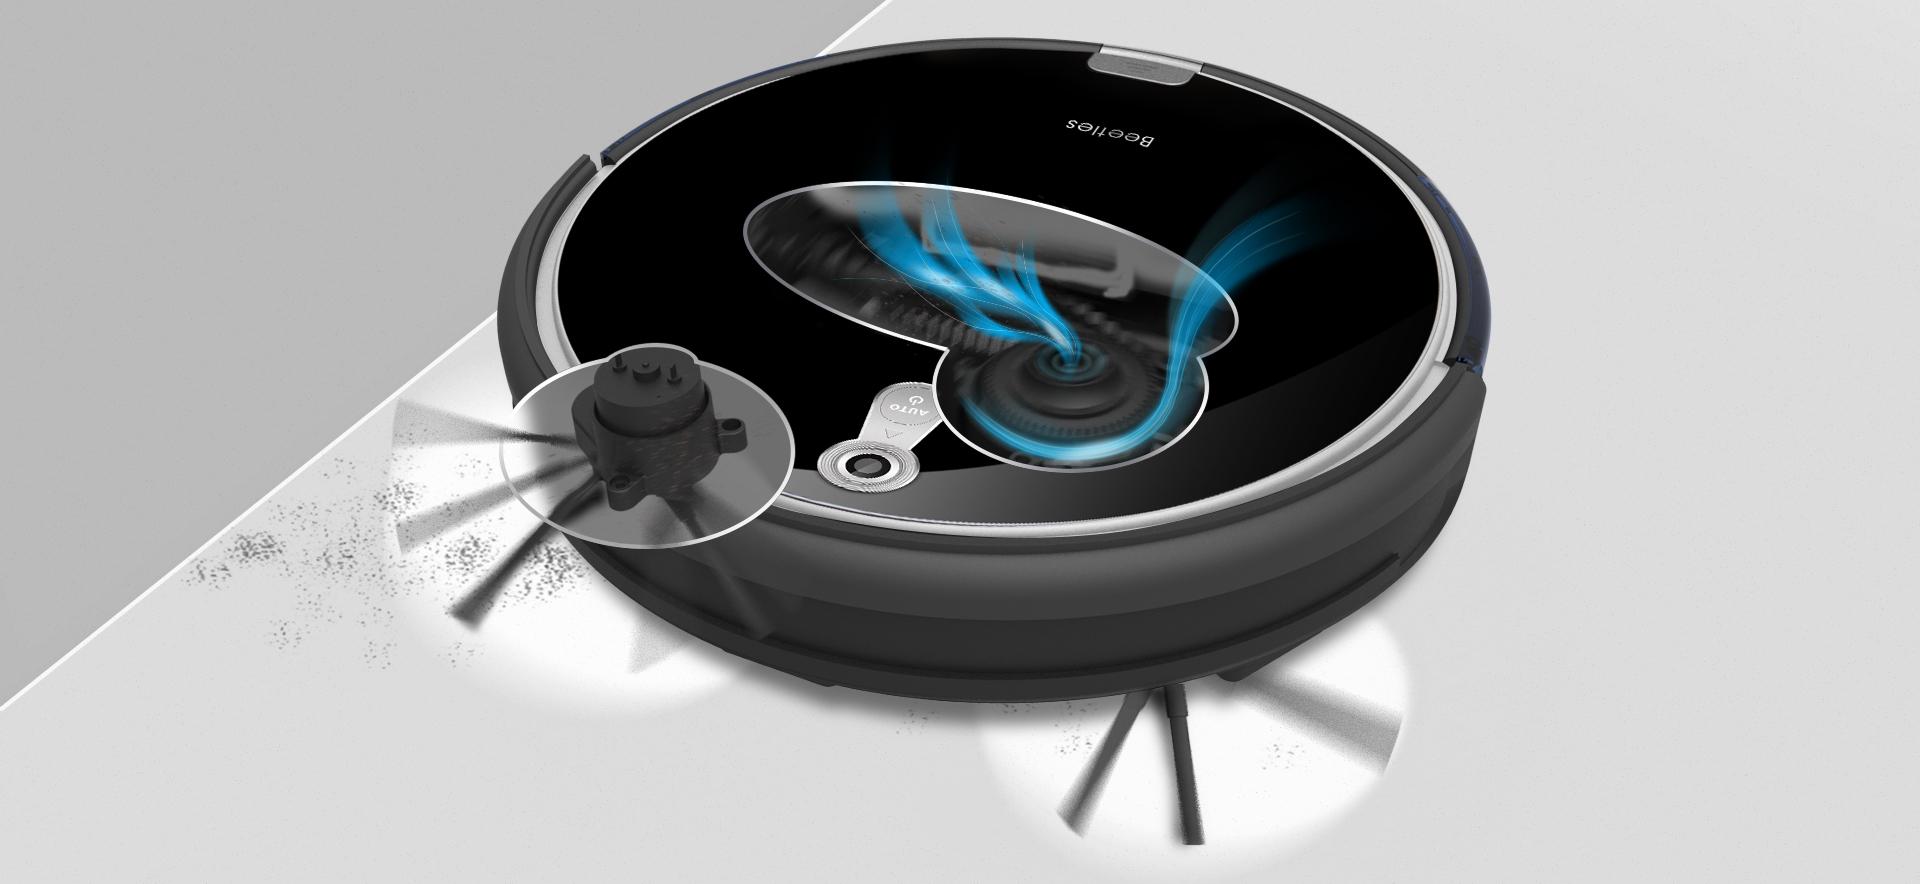 Robot ILIFE A8 trójstopniowy system czyszczenia